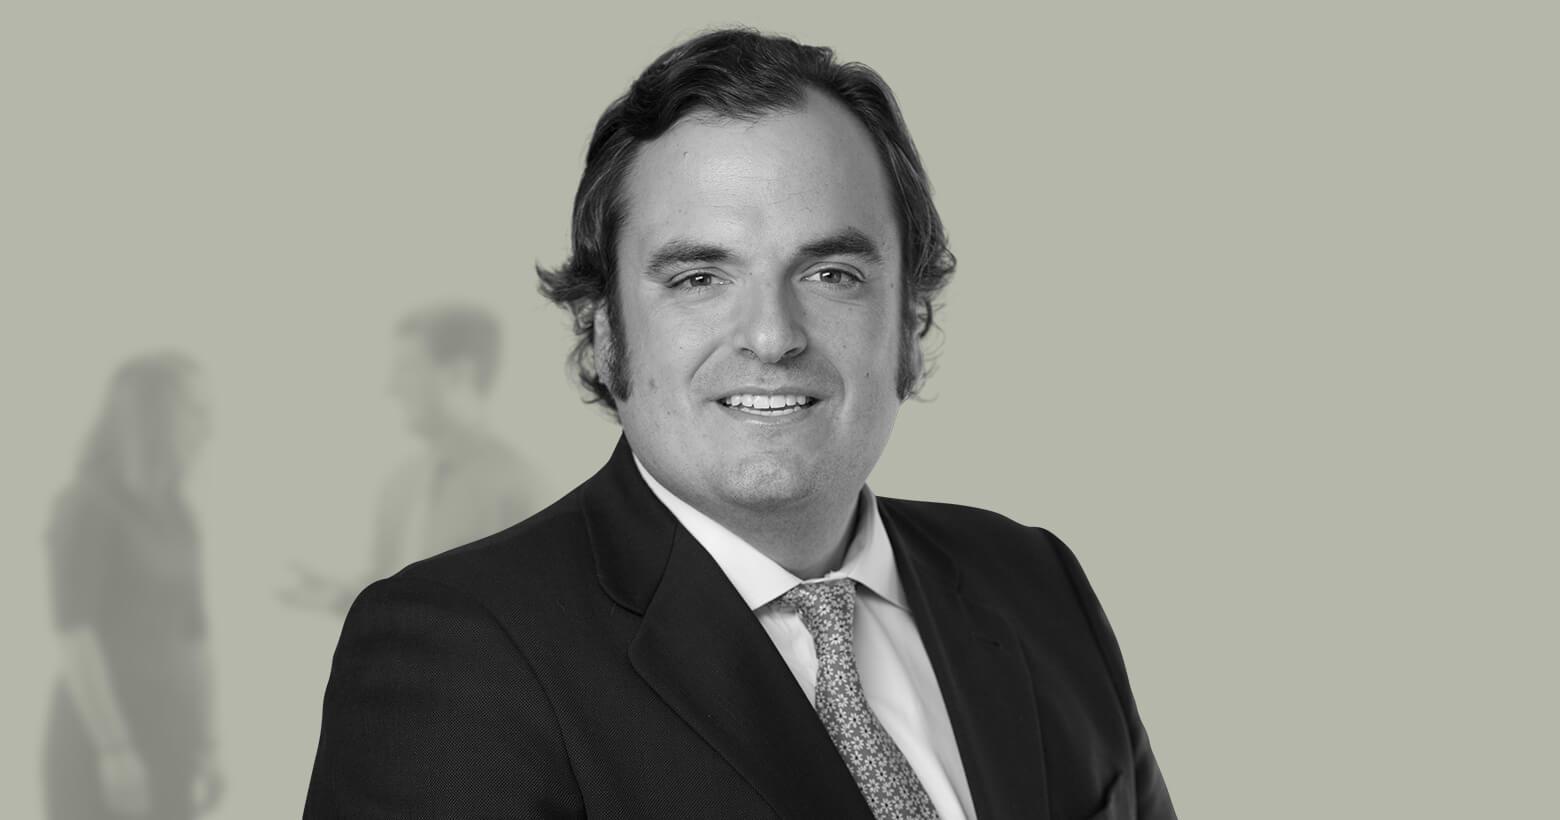 Melchor Alvarez de Mon